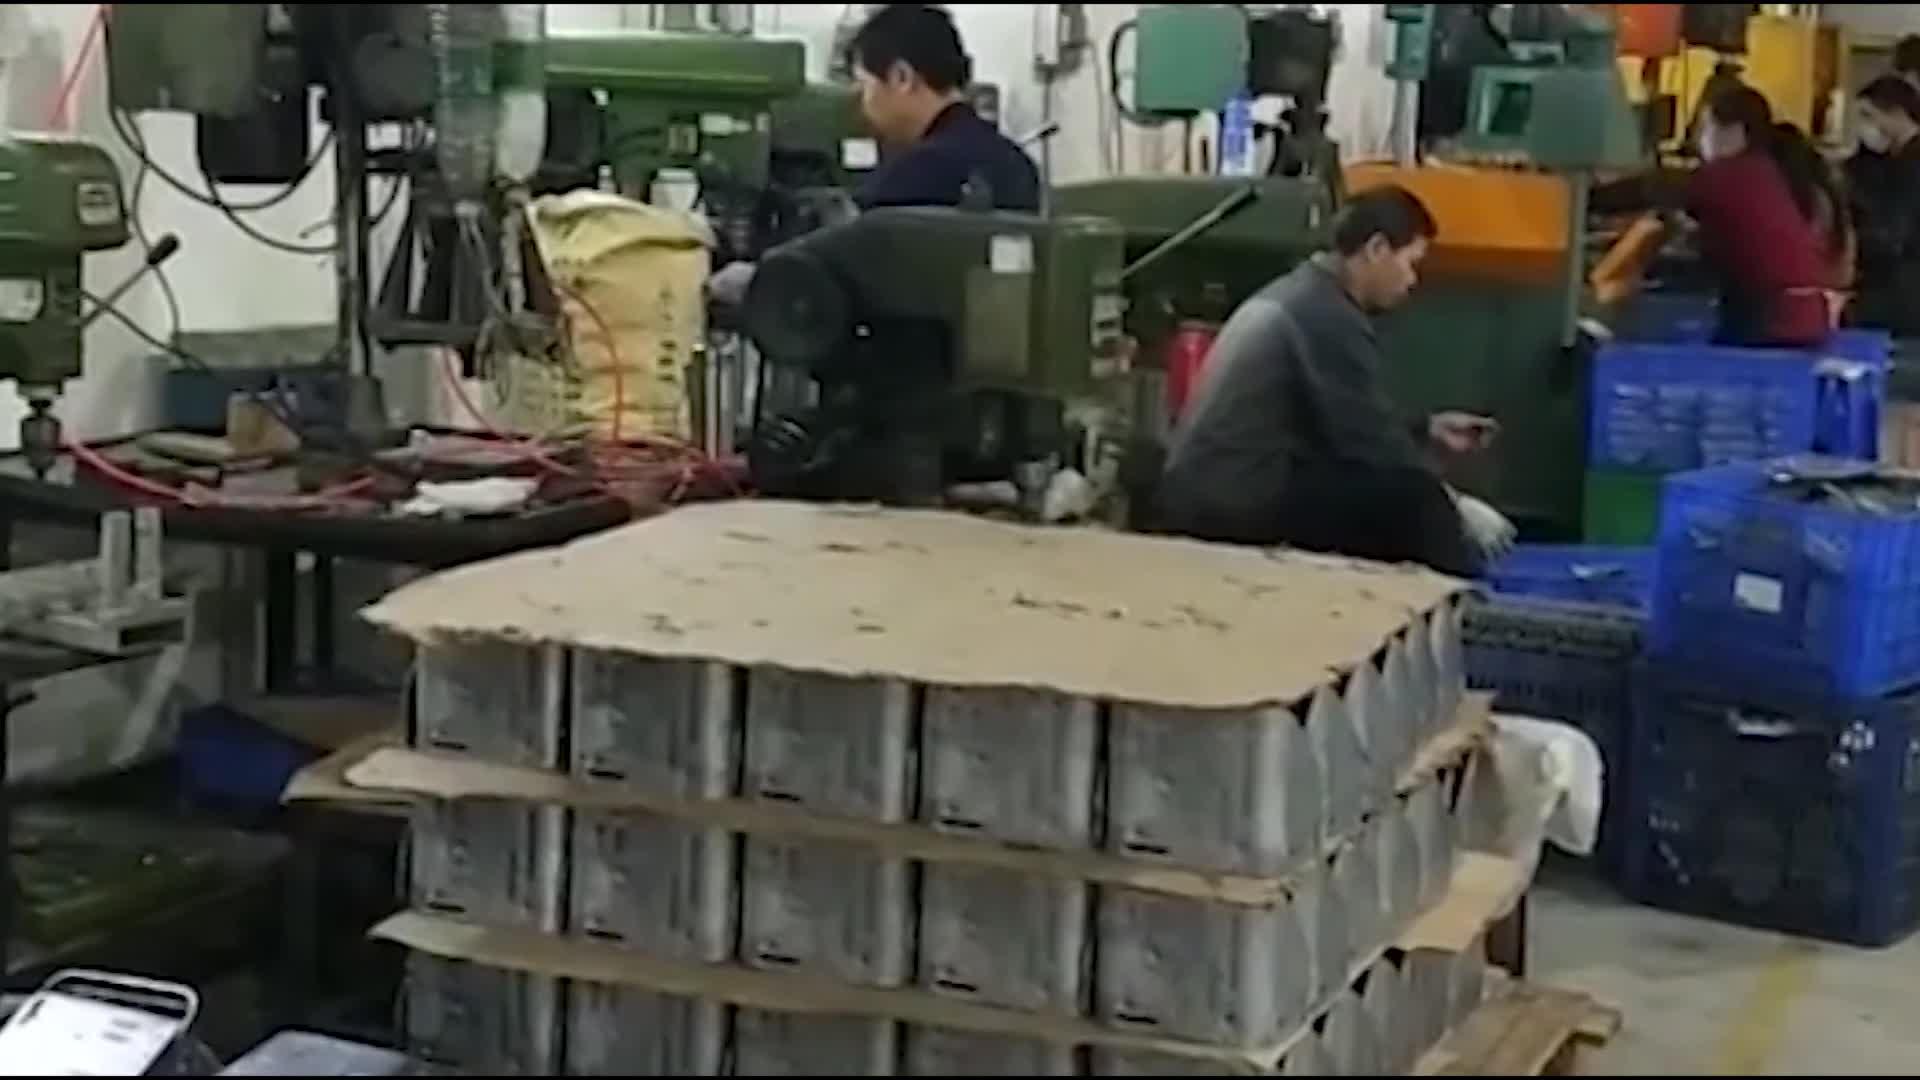 Ruiquan ढालना ठंड फोर्जिंग उपकरण लोहे मरने के कास्टिंग घटकों